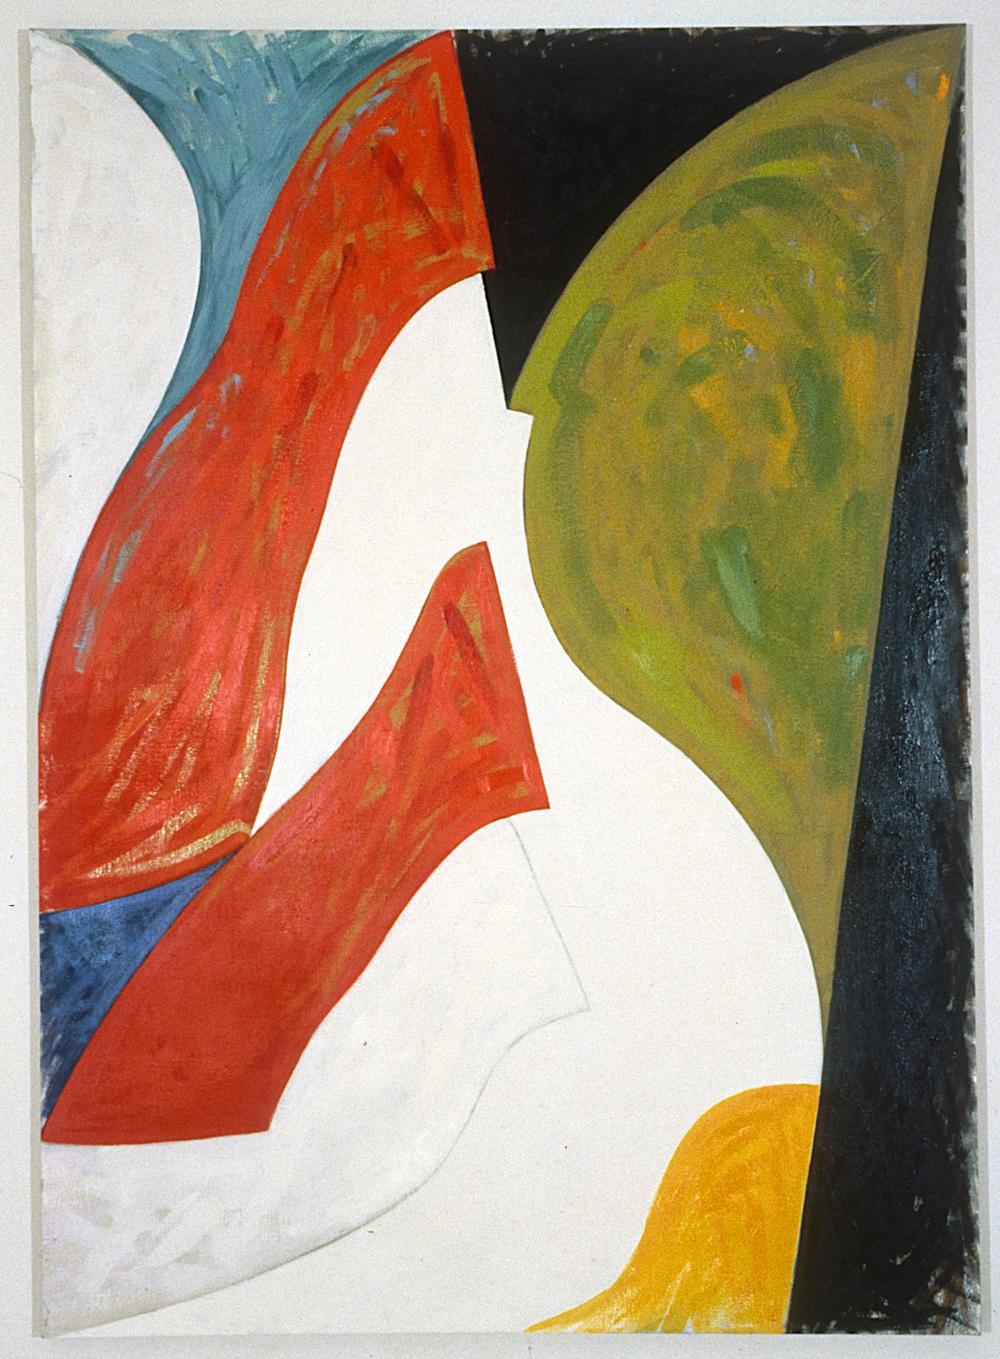 JGR. 1985. Groombridge. o linen. 84x56.5. John Weber Gallery NY.jpg